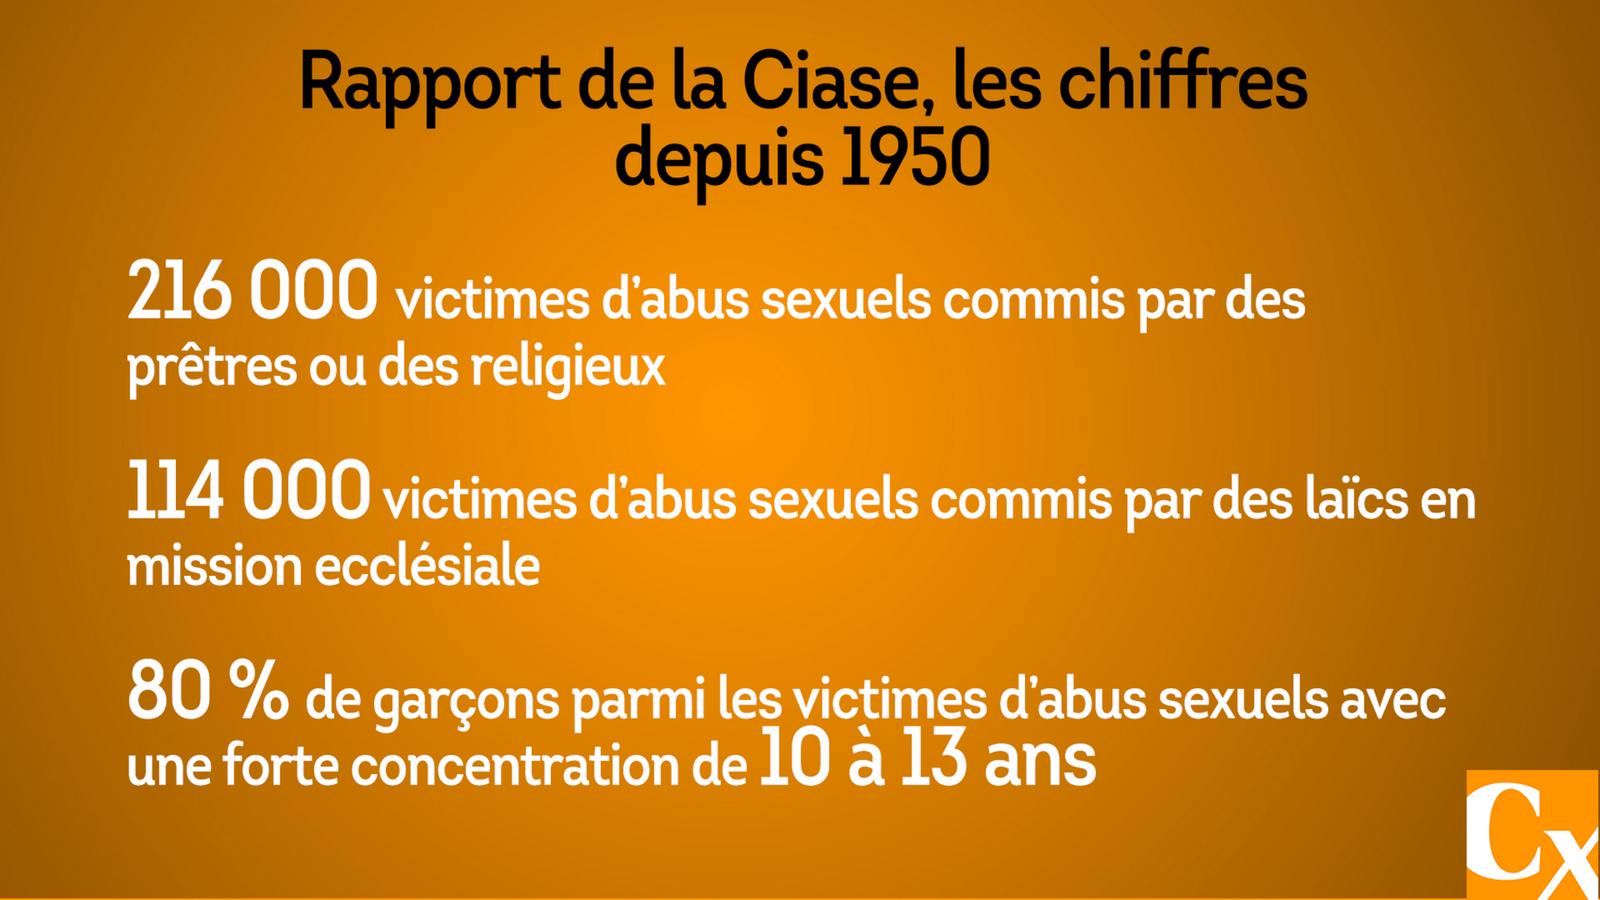 Remise du rapport de la CIASE, Paris 5 octobre 2021